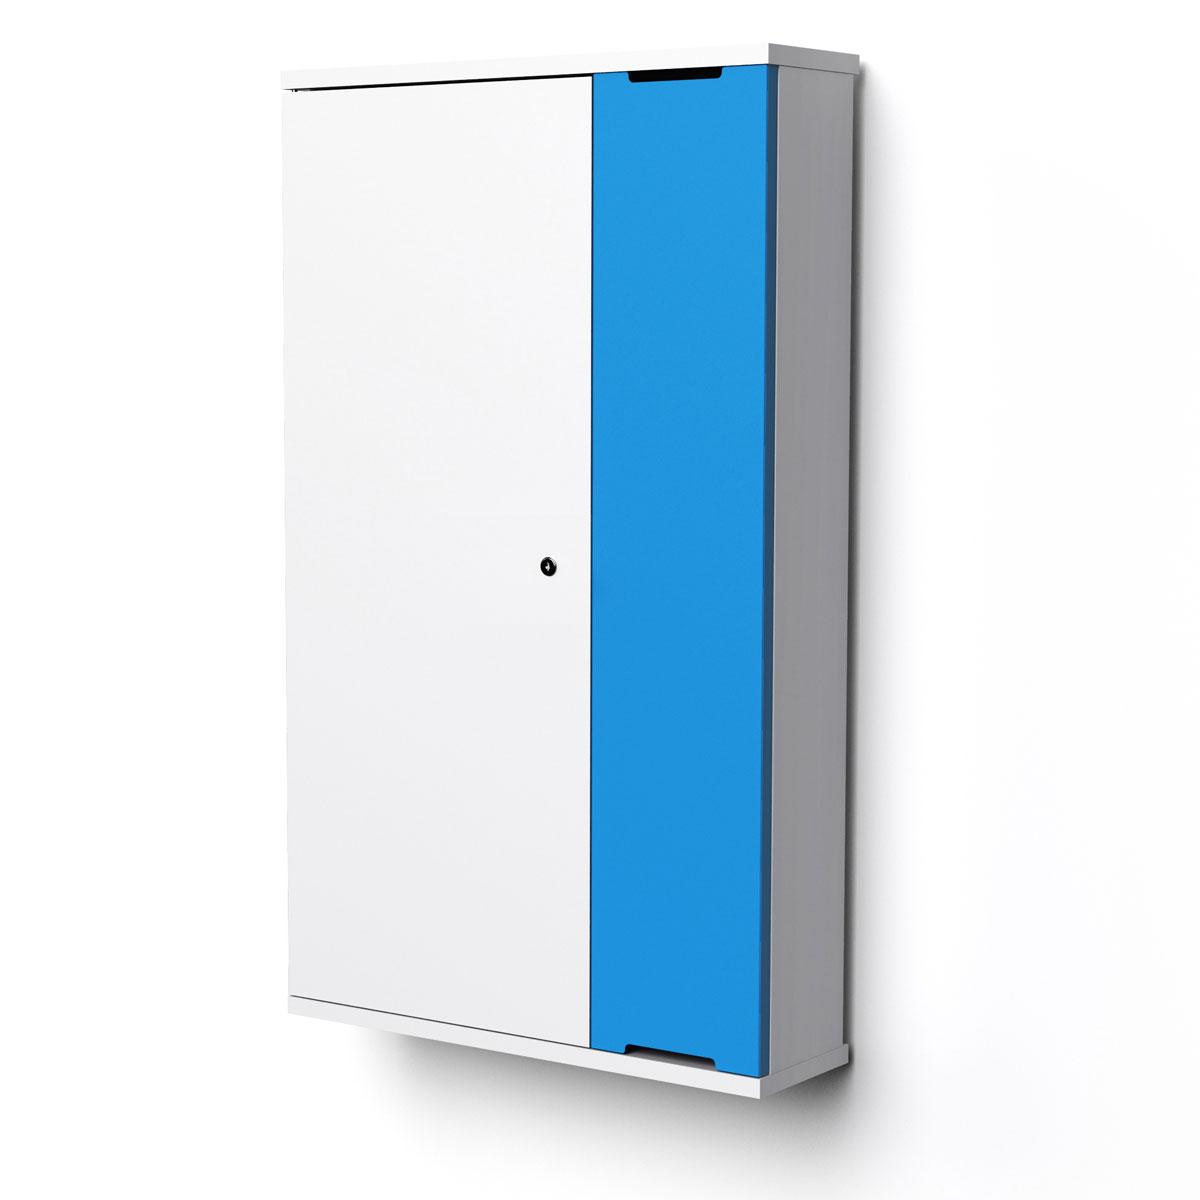 Väggskåp 10 surfplattor zioxi - iPadförvaring